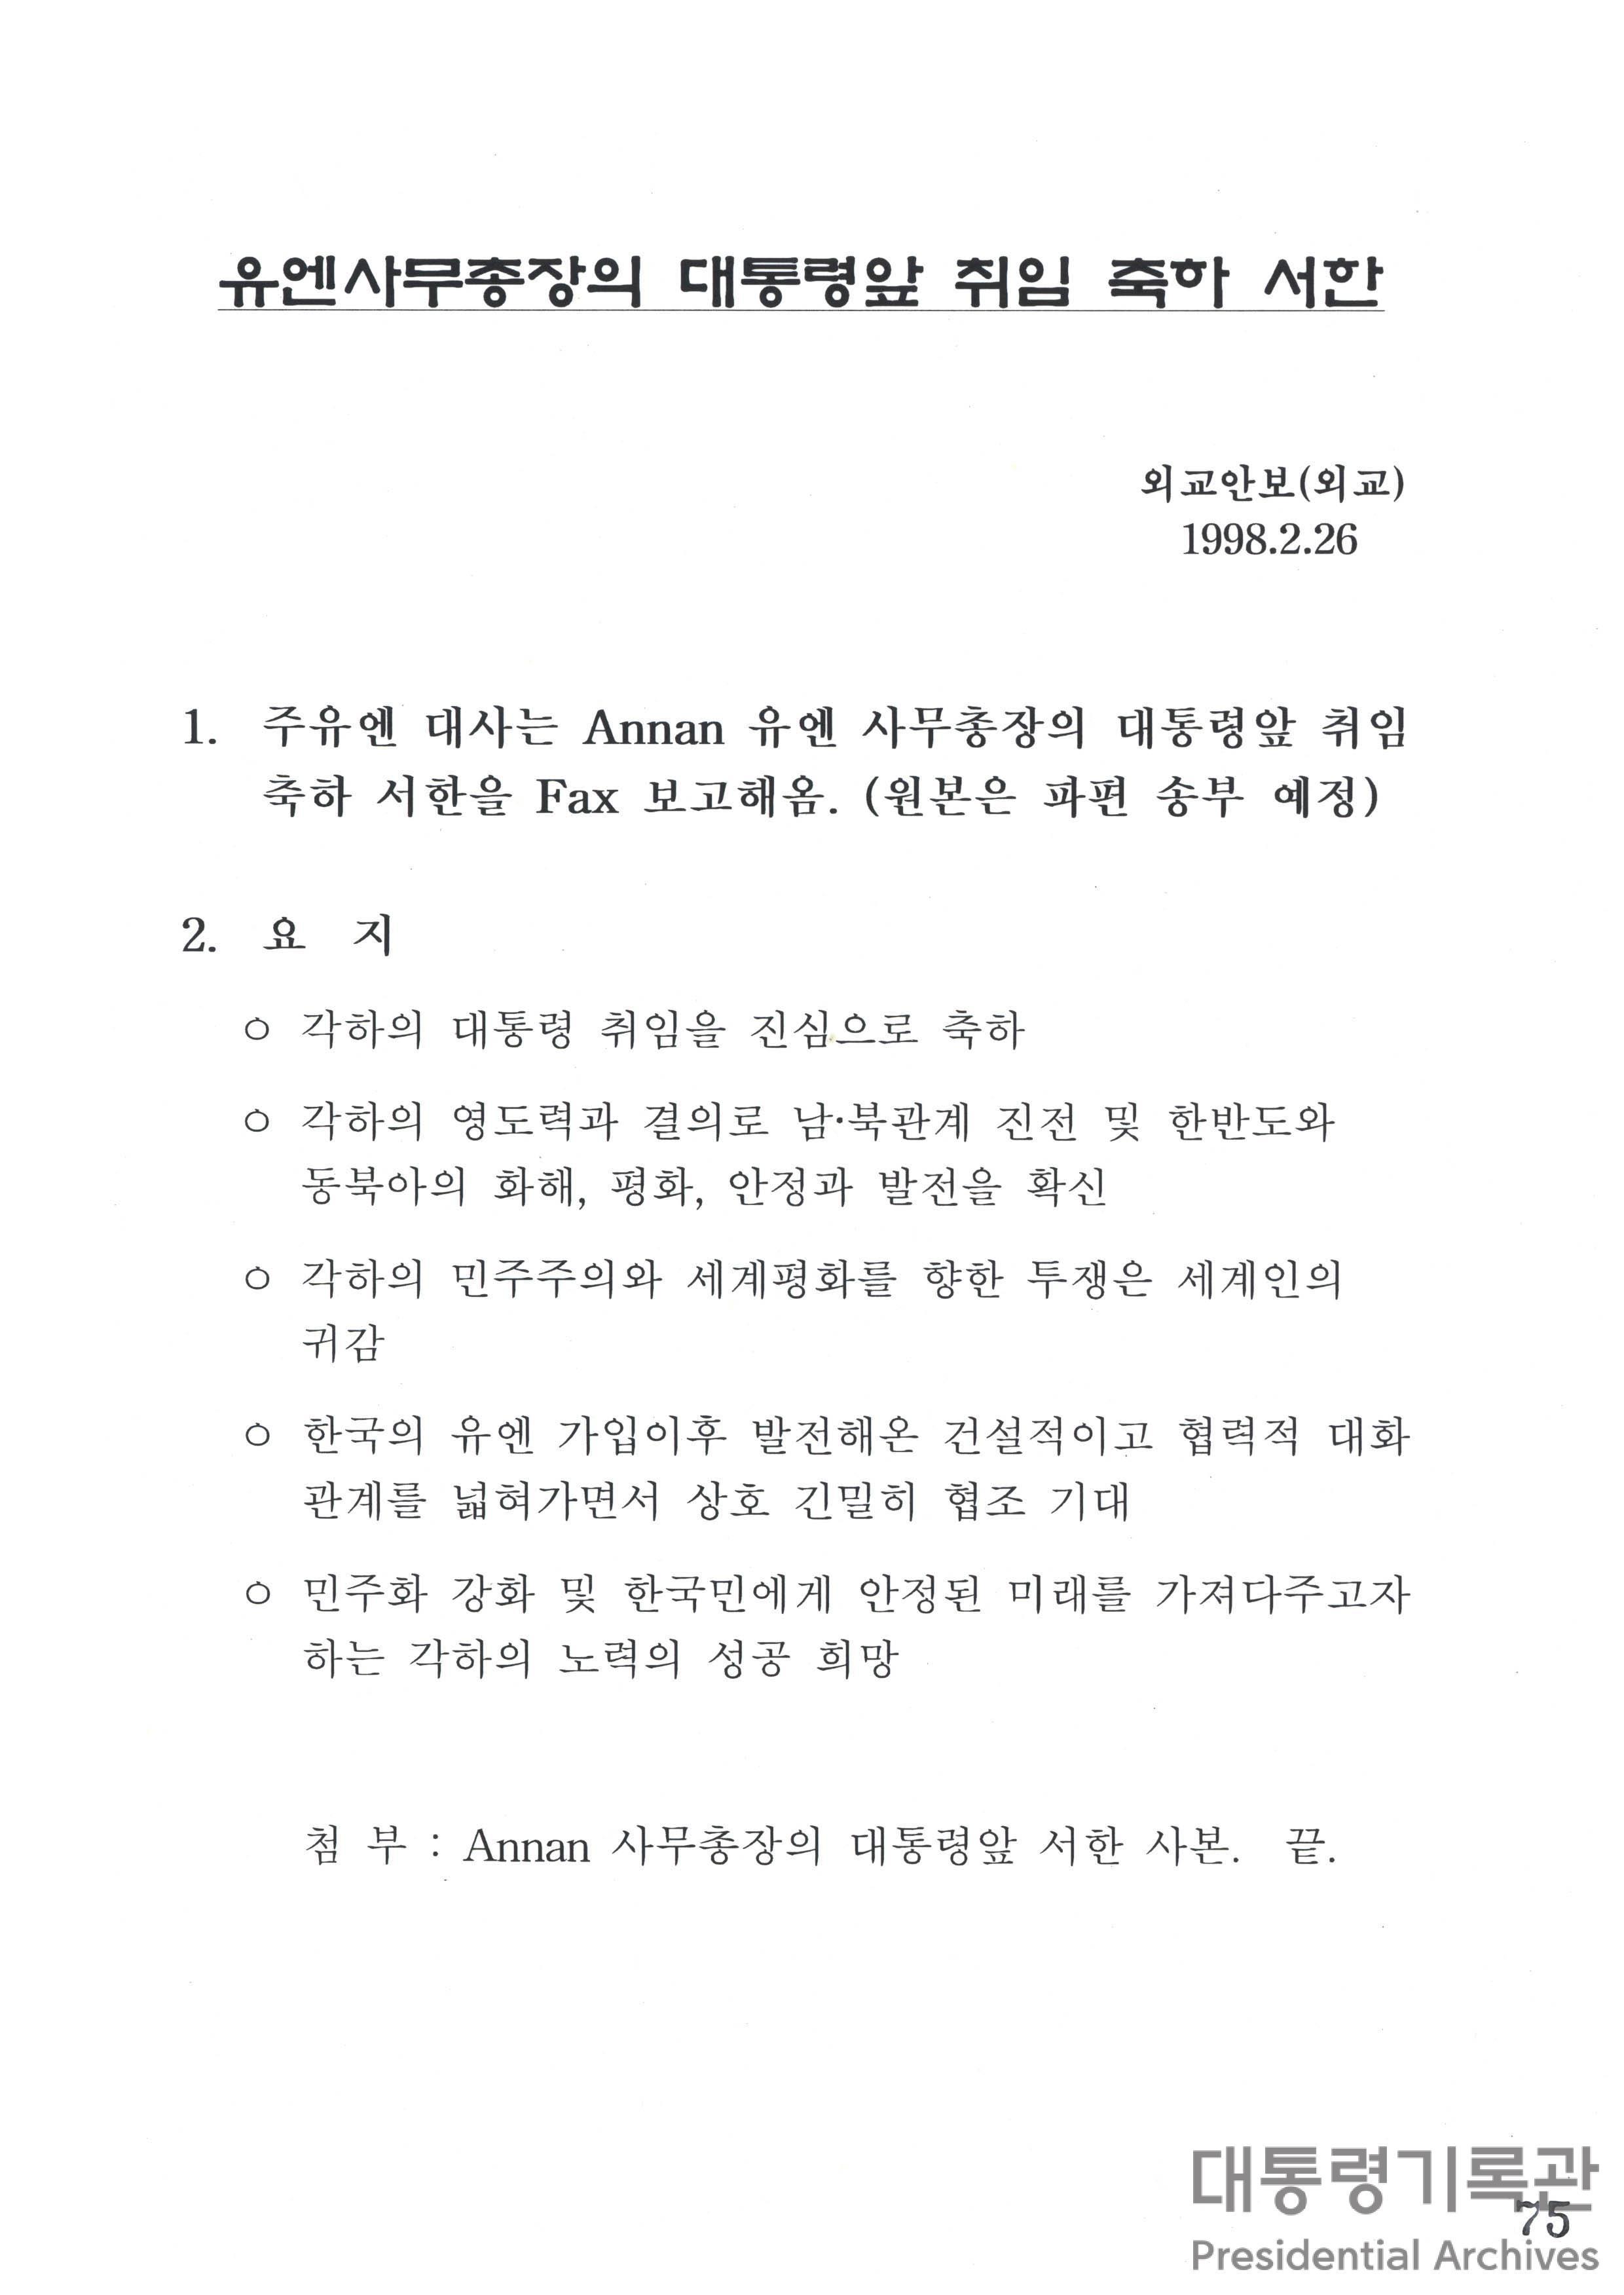 유엔사무총장의 대통령앞 취임축하 서한